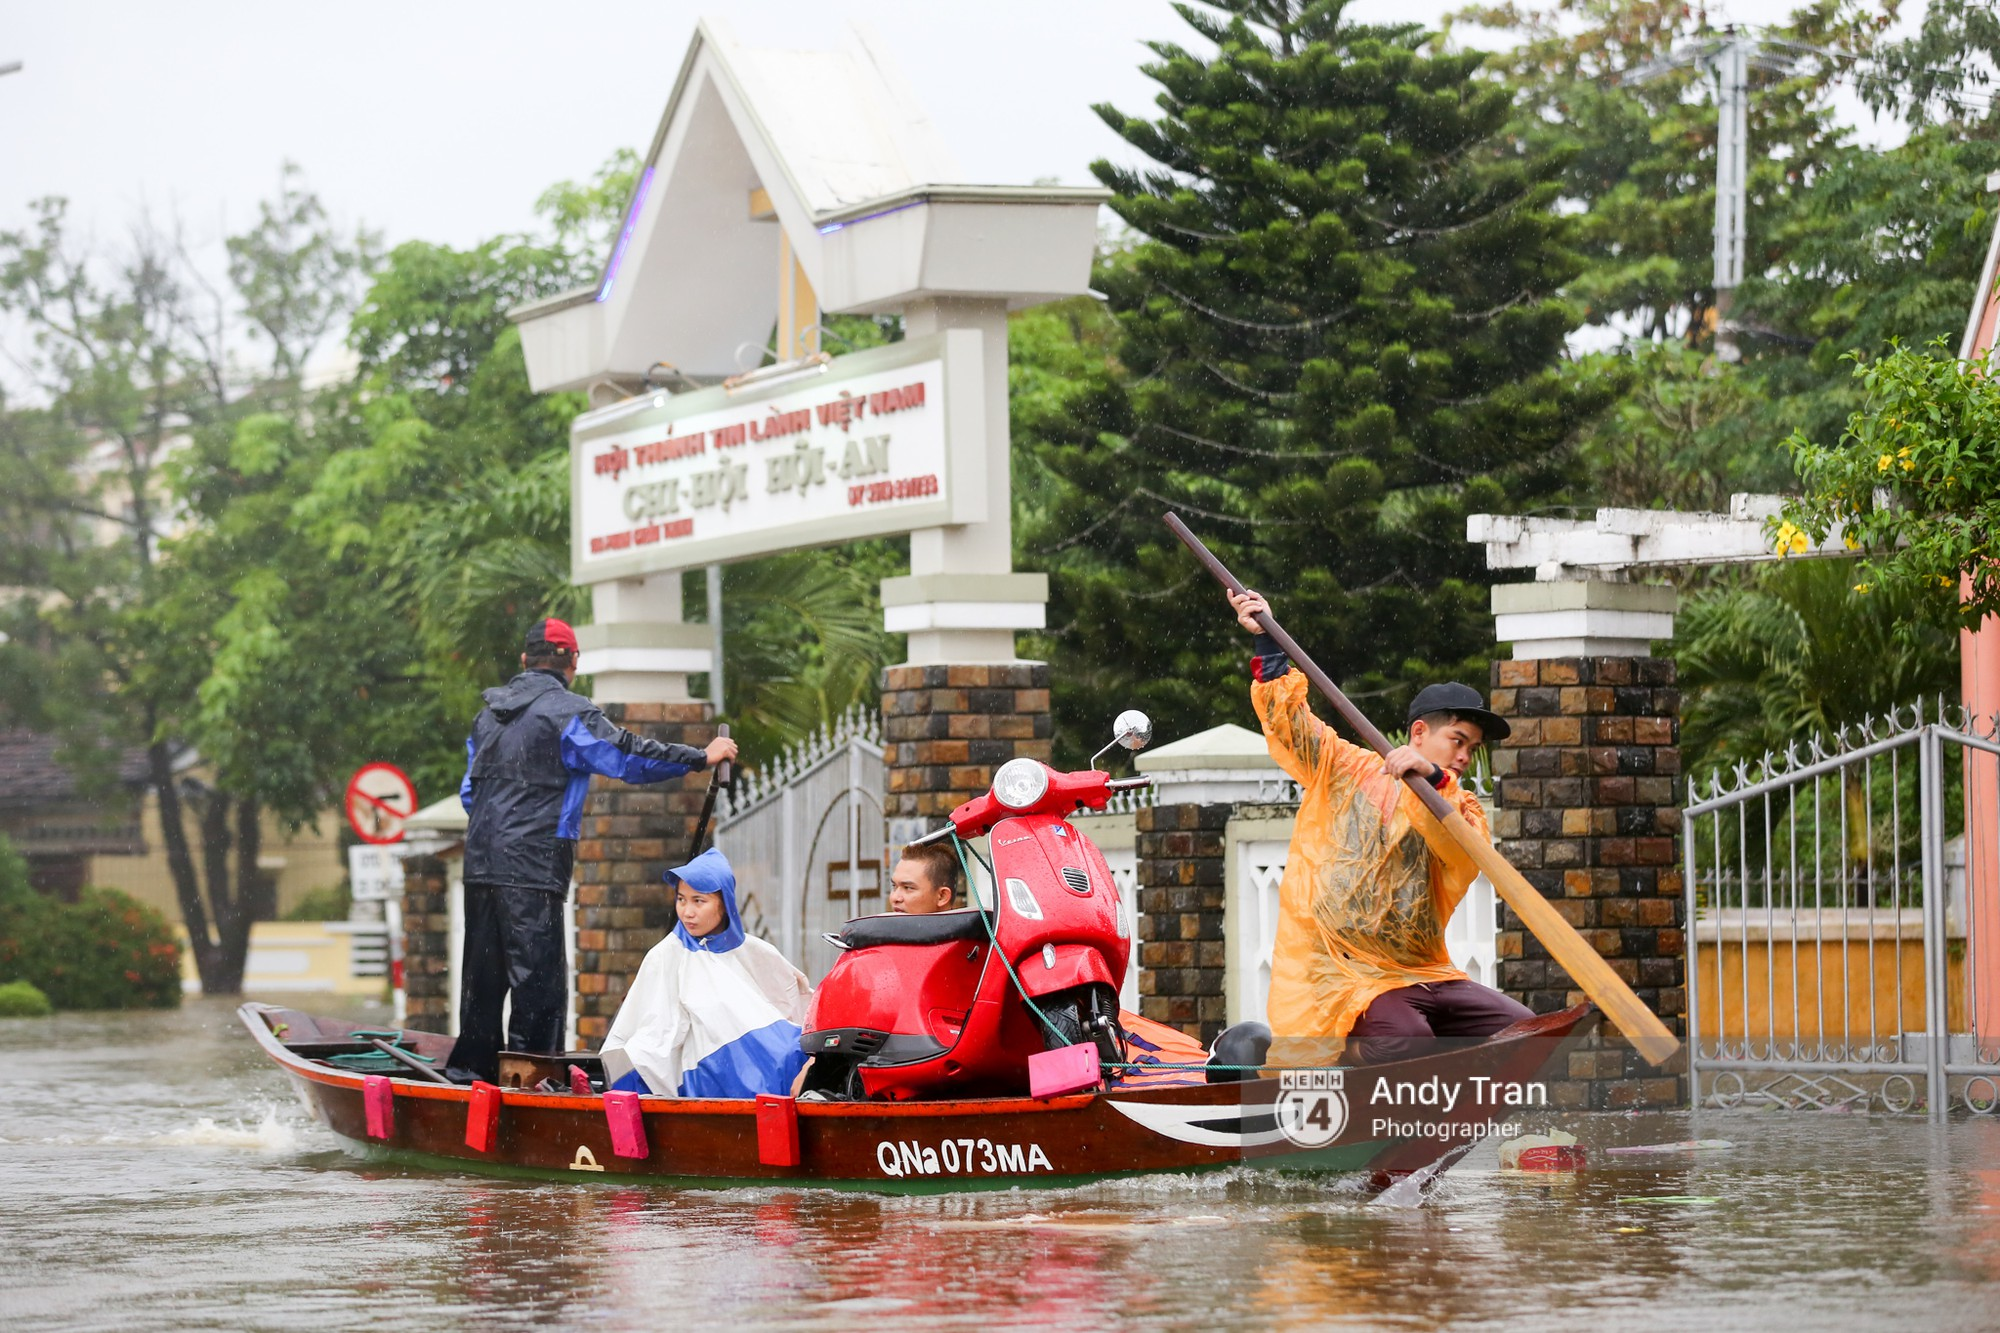 Chùm ảnh: Hội An nước ngập thành sông do ảnh hưởng của bão, người dân và du khách chật vật dùng thuyền bè di chuyển - Ảnh 13.